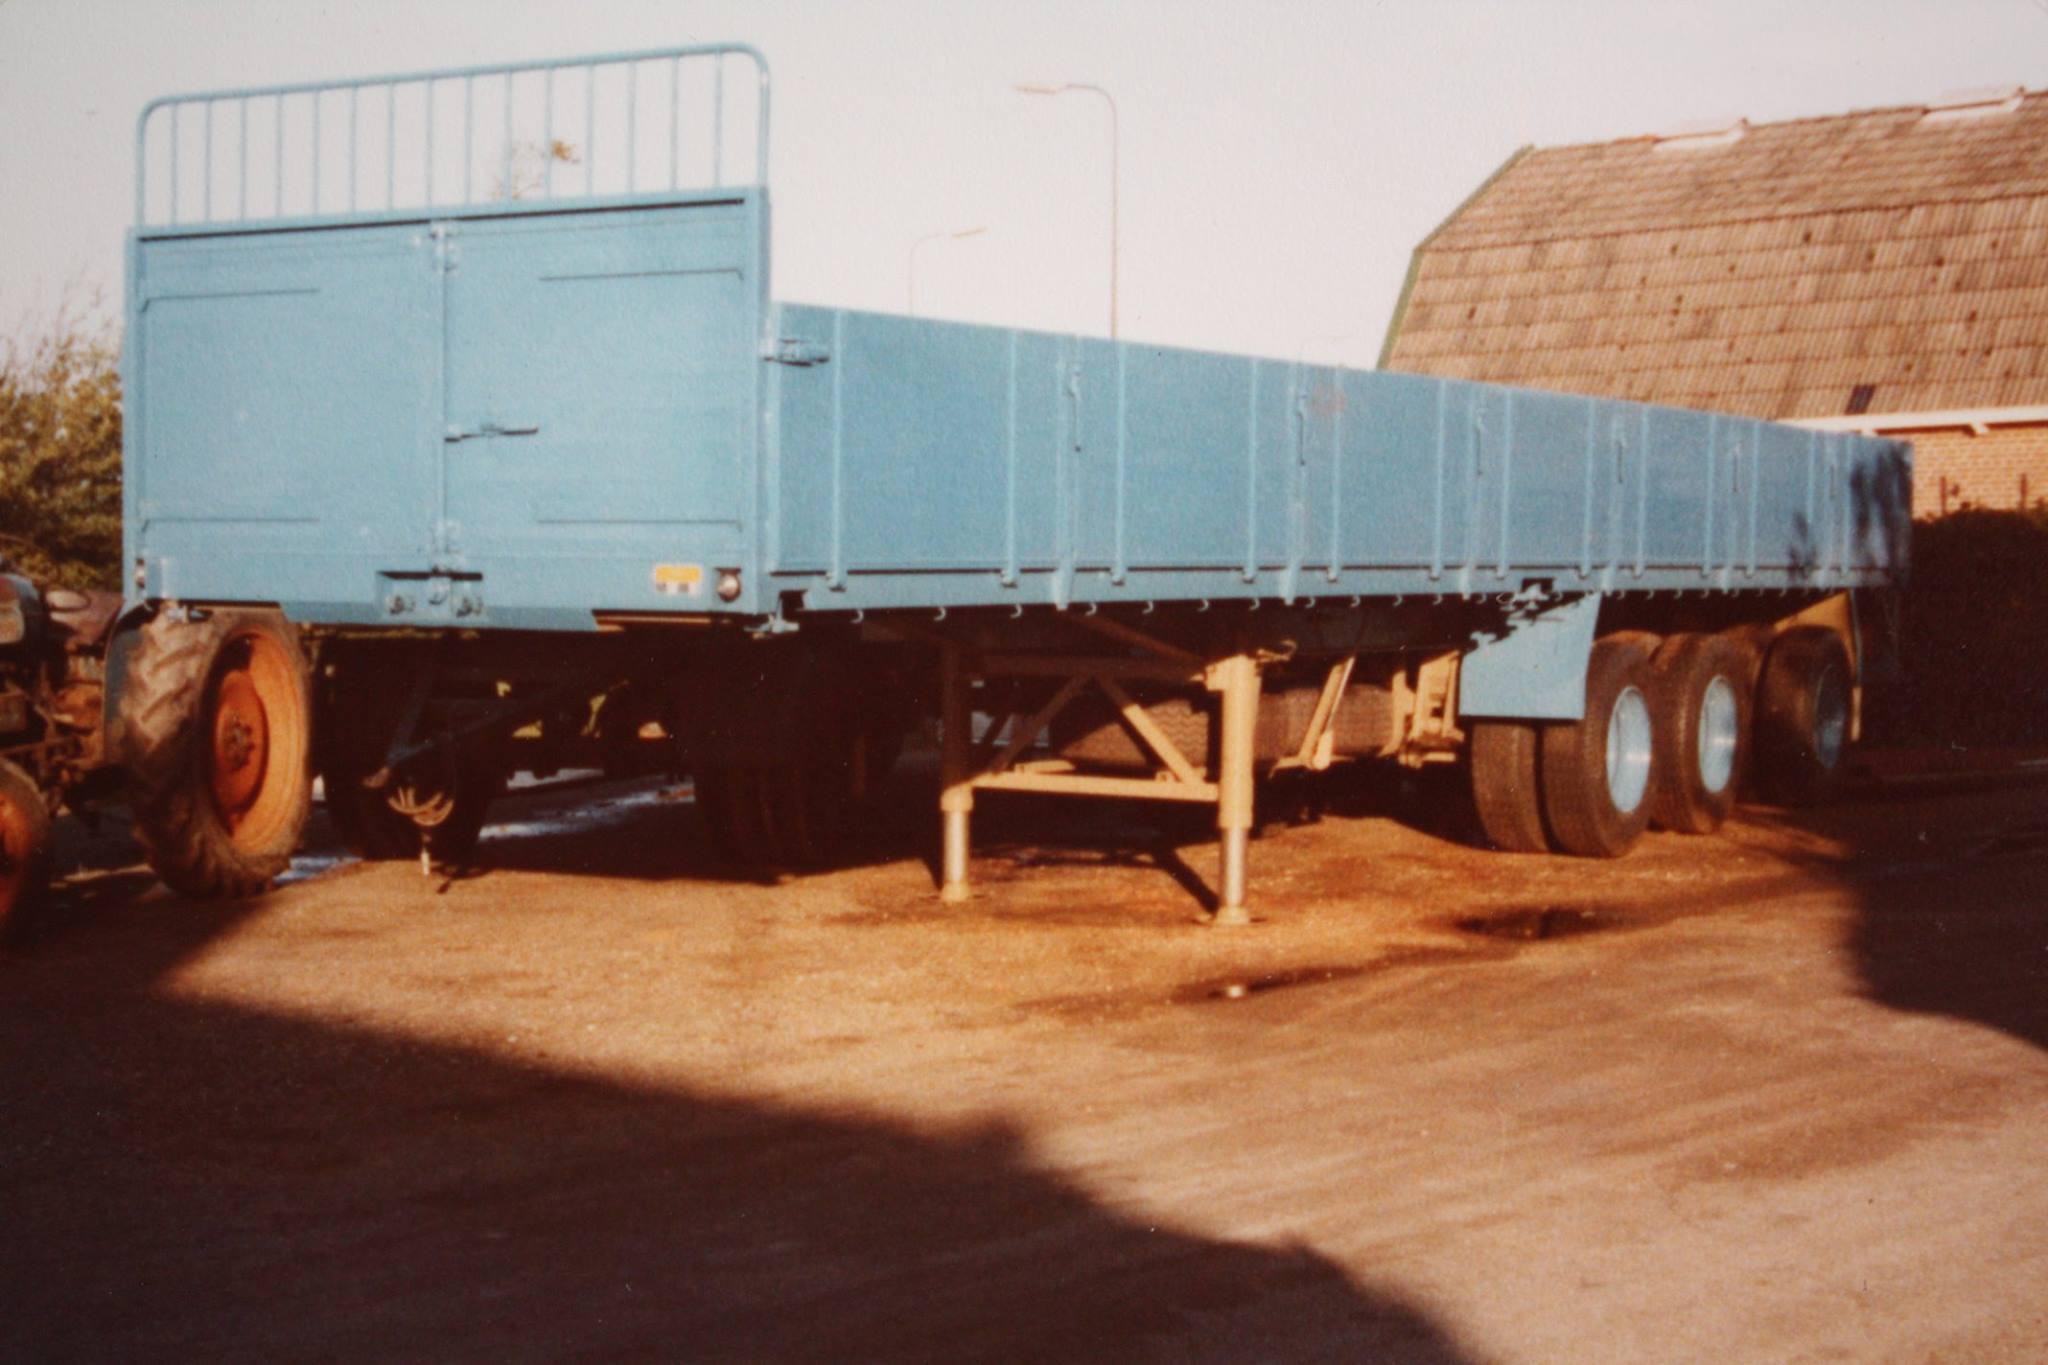 combinatie-truck-met-aanhangwagen-voor-bietenvervoer-en-deze-oplegger-is-gebouwd-door-Rondaan-voor-Transportbedrijf-Althusius-in-Tzummarum-2